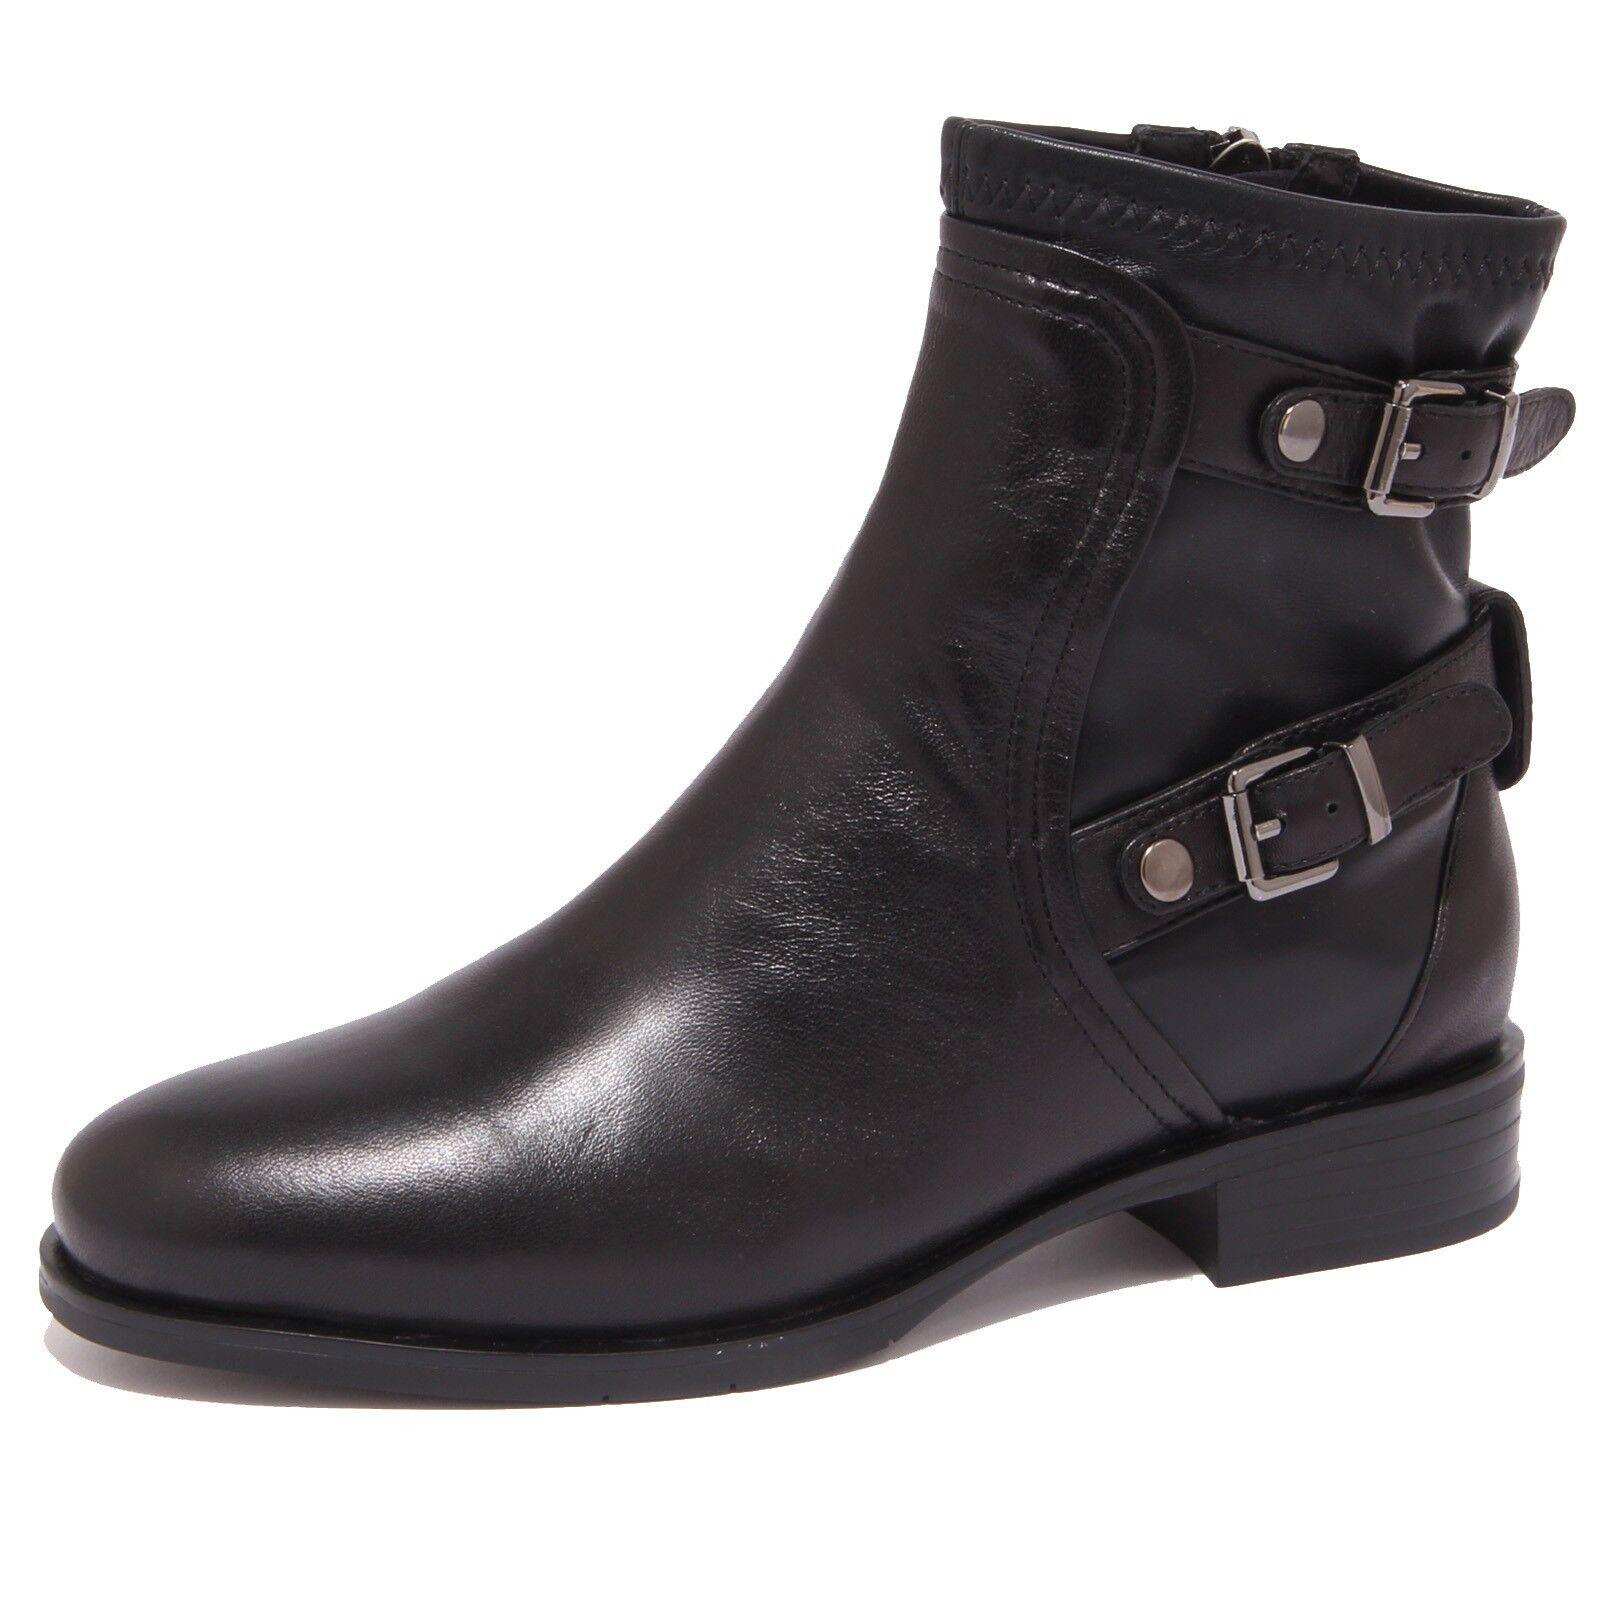 Grandes zapatos con descuento 8648P stivaletto MASSIMO SANTINI nero tronchetto donna boot woman